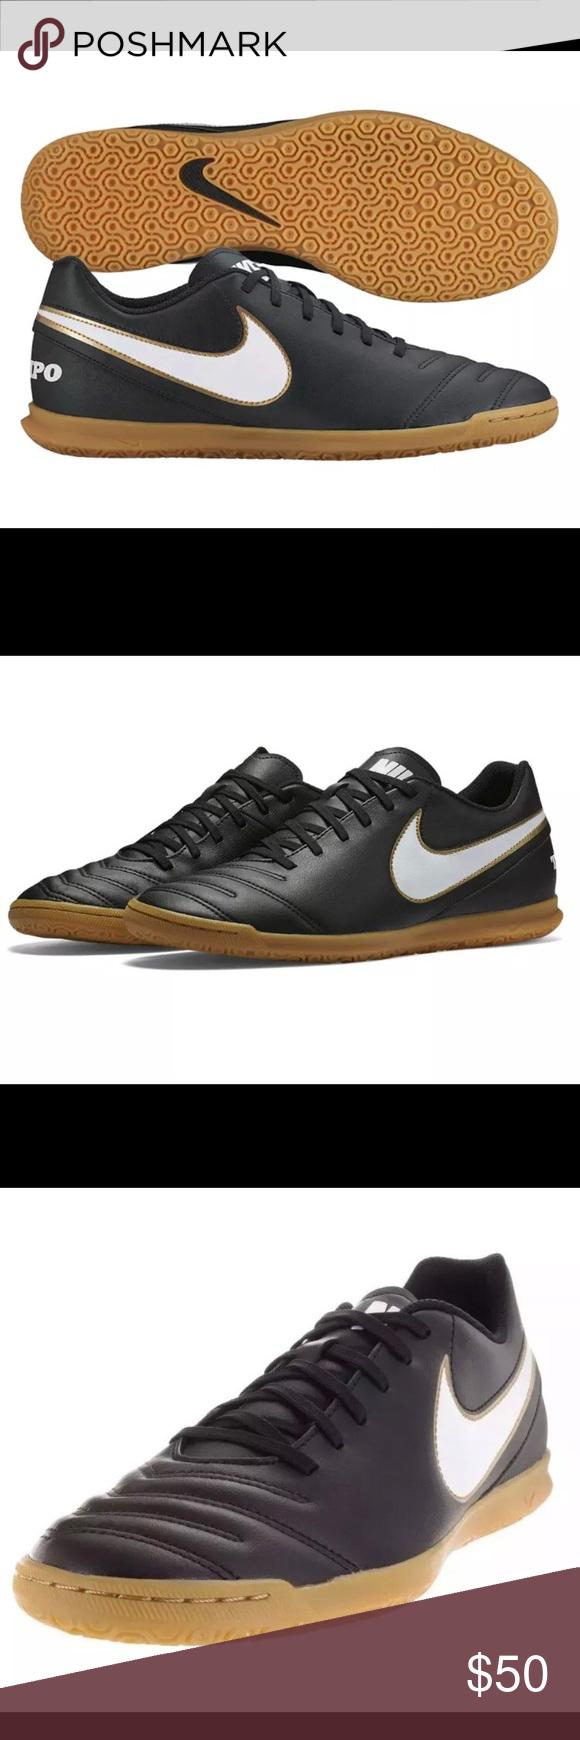 ad71cd04c06 Nike Tiempo Rio Soccer Shoes Black Gold Mens 11.5 Nike Tiempo Rio III IC  Indoor Soccer Shoes Black Gold 819234 010 Mens Size 11.5 Nike Shoes  Athletic Shoes